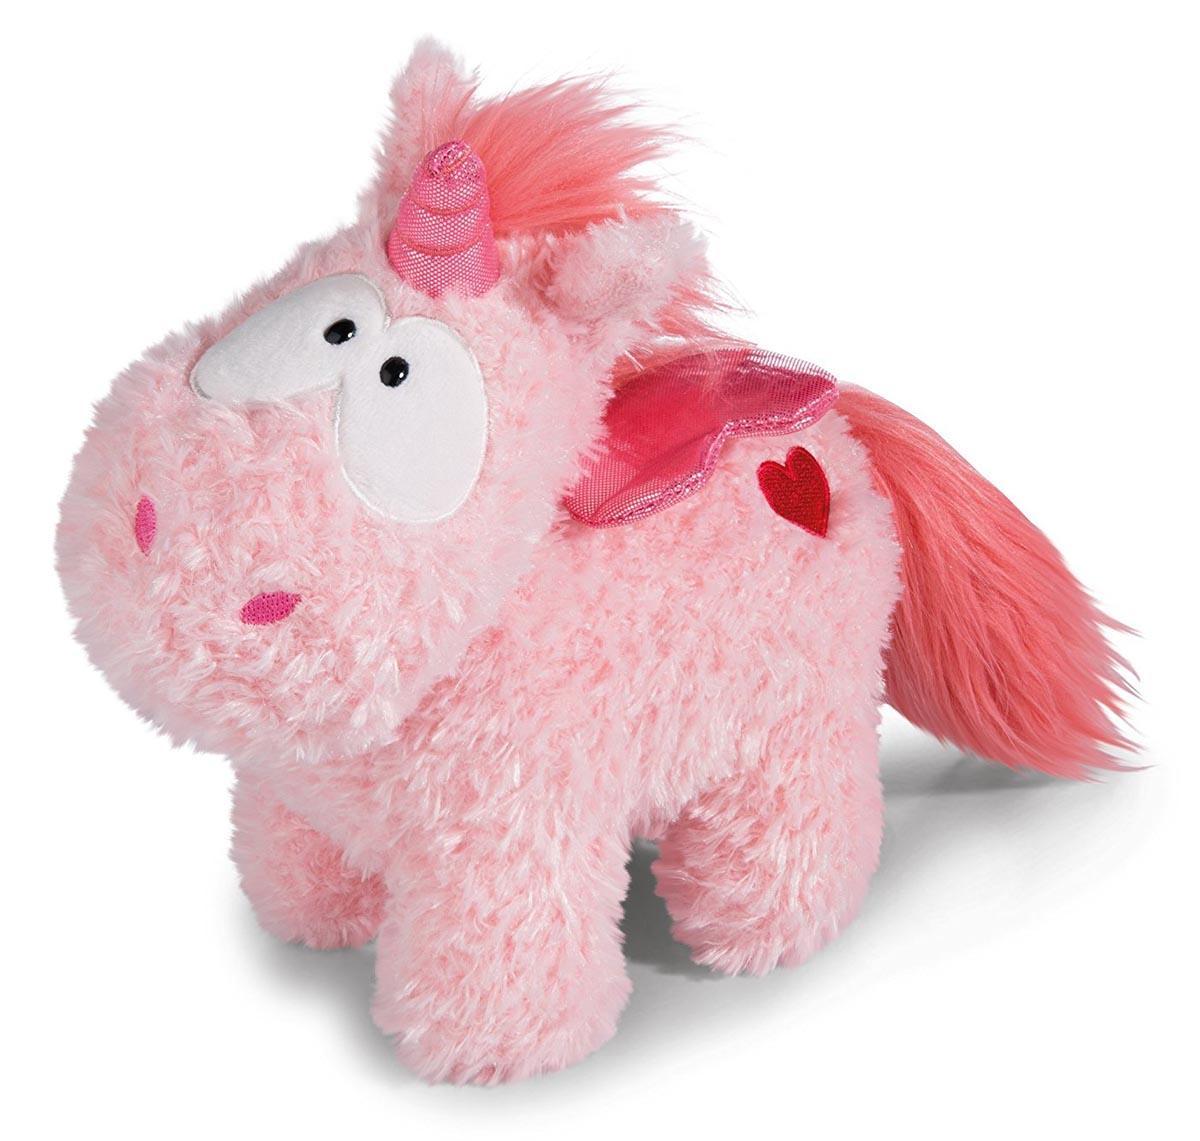 Plišana igračka THEODOR IN LOVE Unicorn